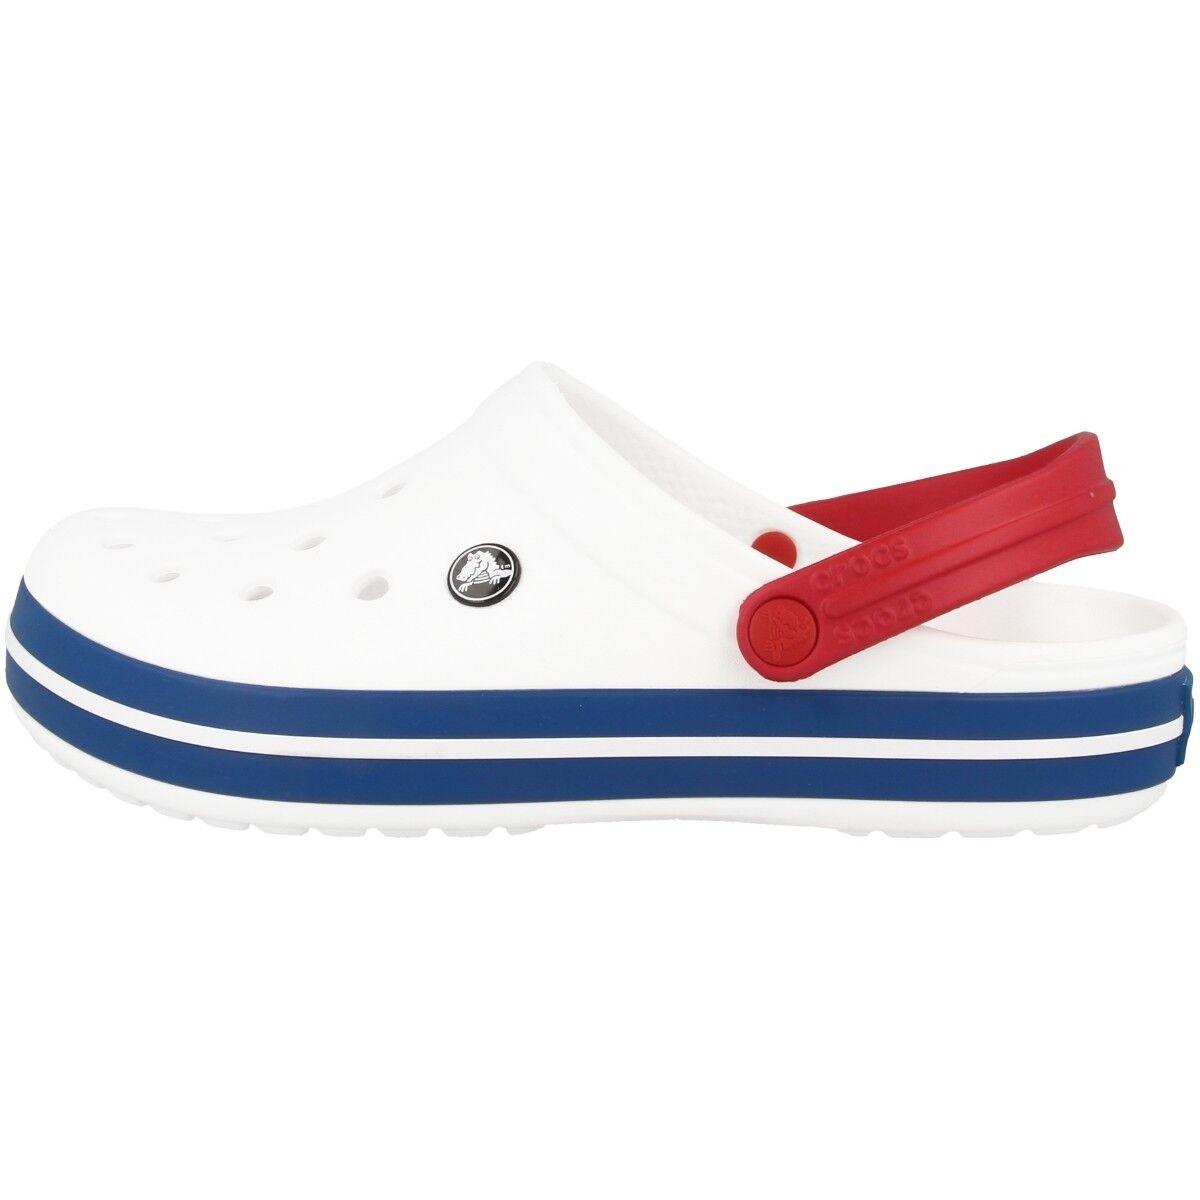 Crocs Crocband Zueco Azul Sandalia Zapatos de Baño Blanco Azul Zueco Vaquero 11016-11I 4e13c5